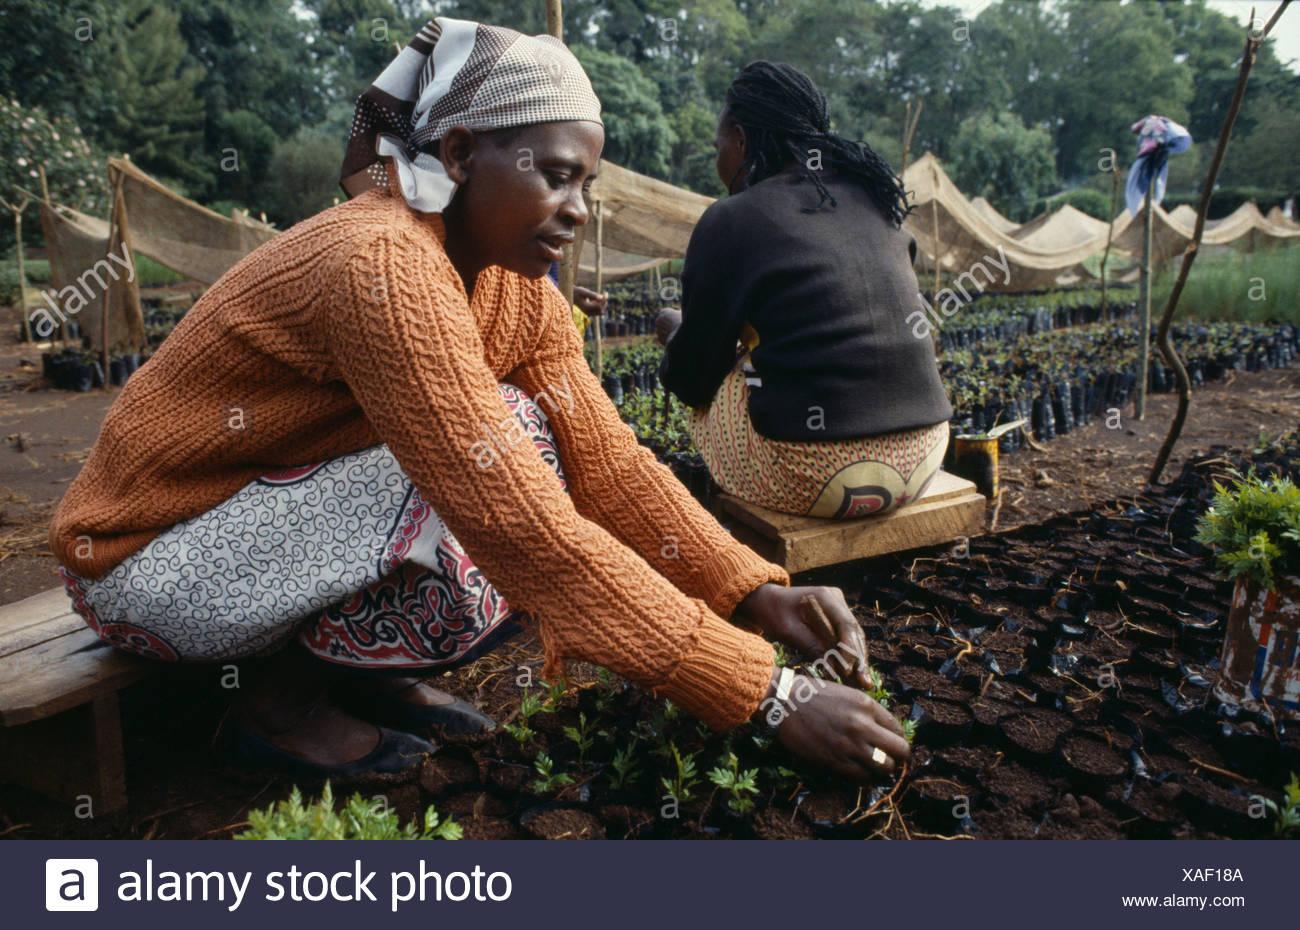 Kenia, África Oriental, Meru, la mujer la siembra de las plántulas en un vivero para el proyecto de reforestación. Imagen De Stock